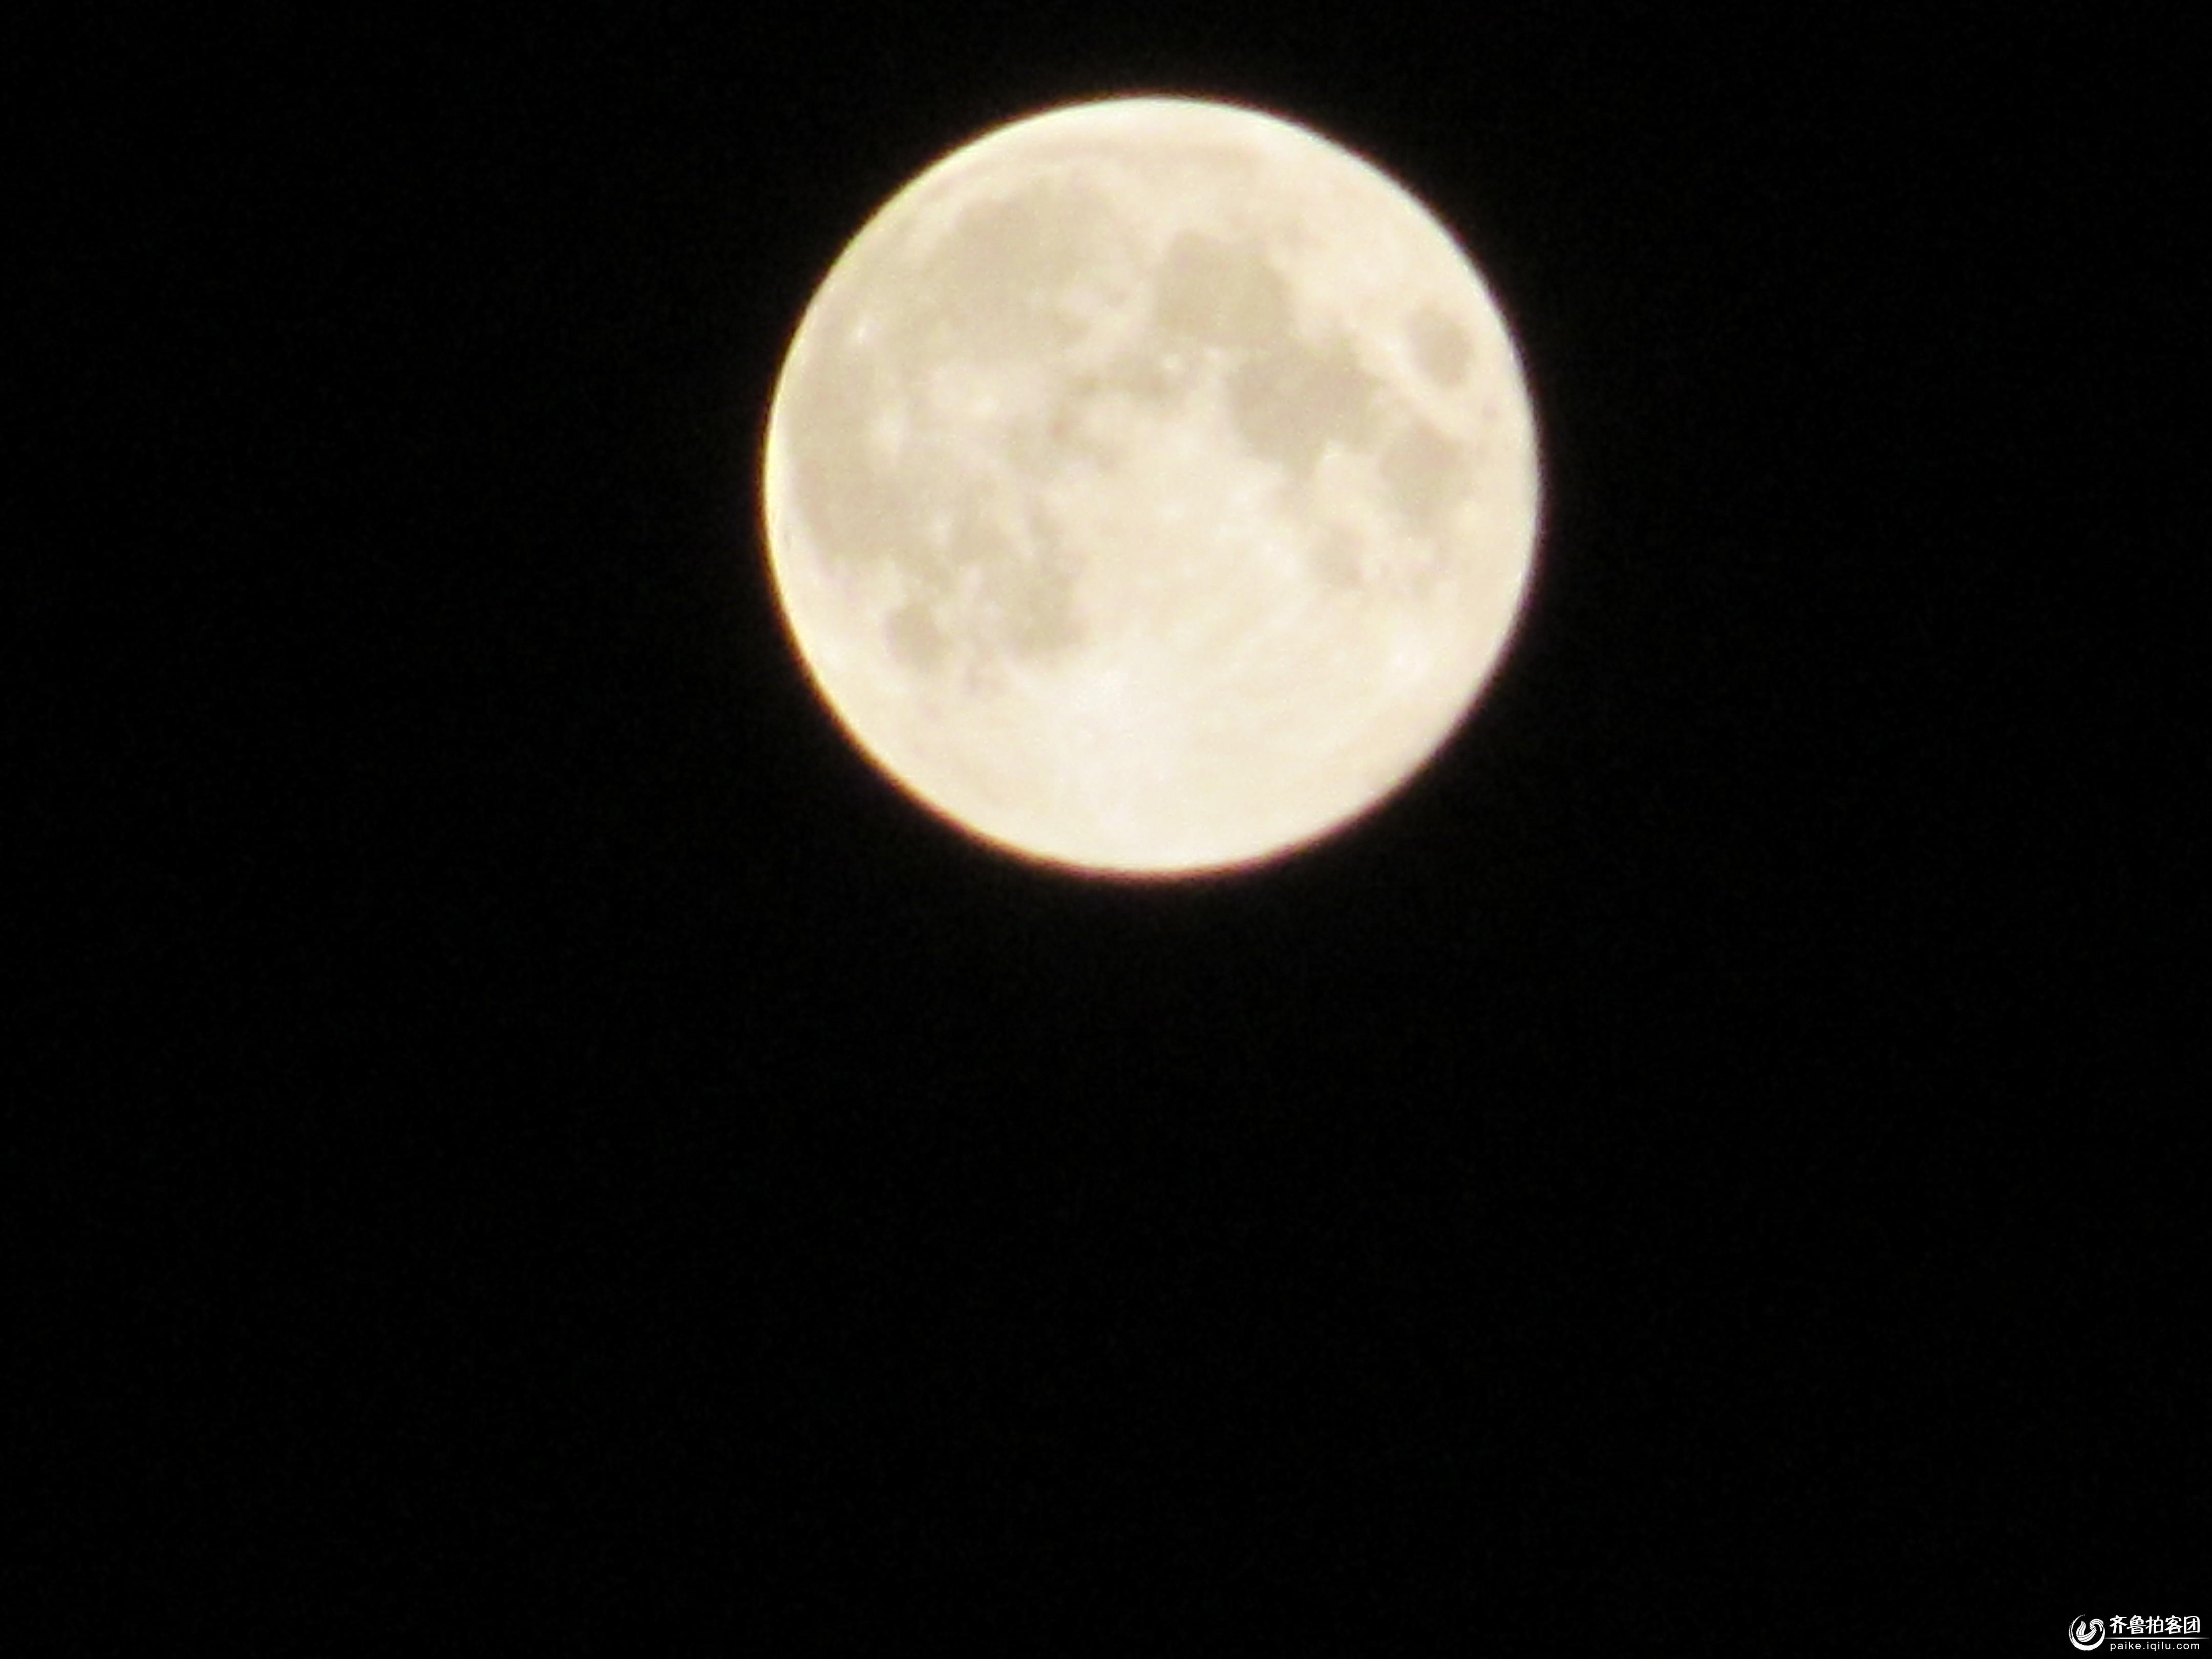 八月十五的月亮 - 日照拍客